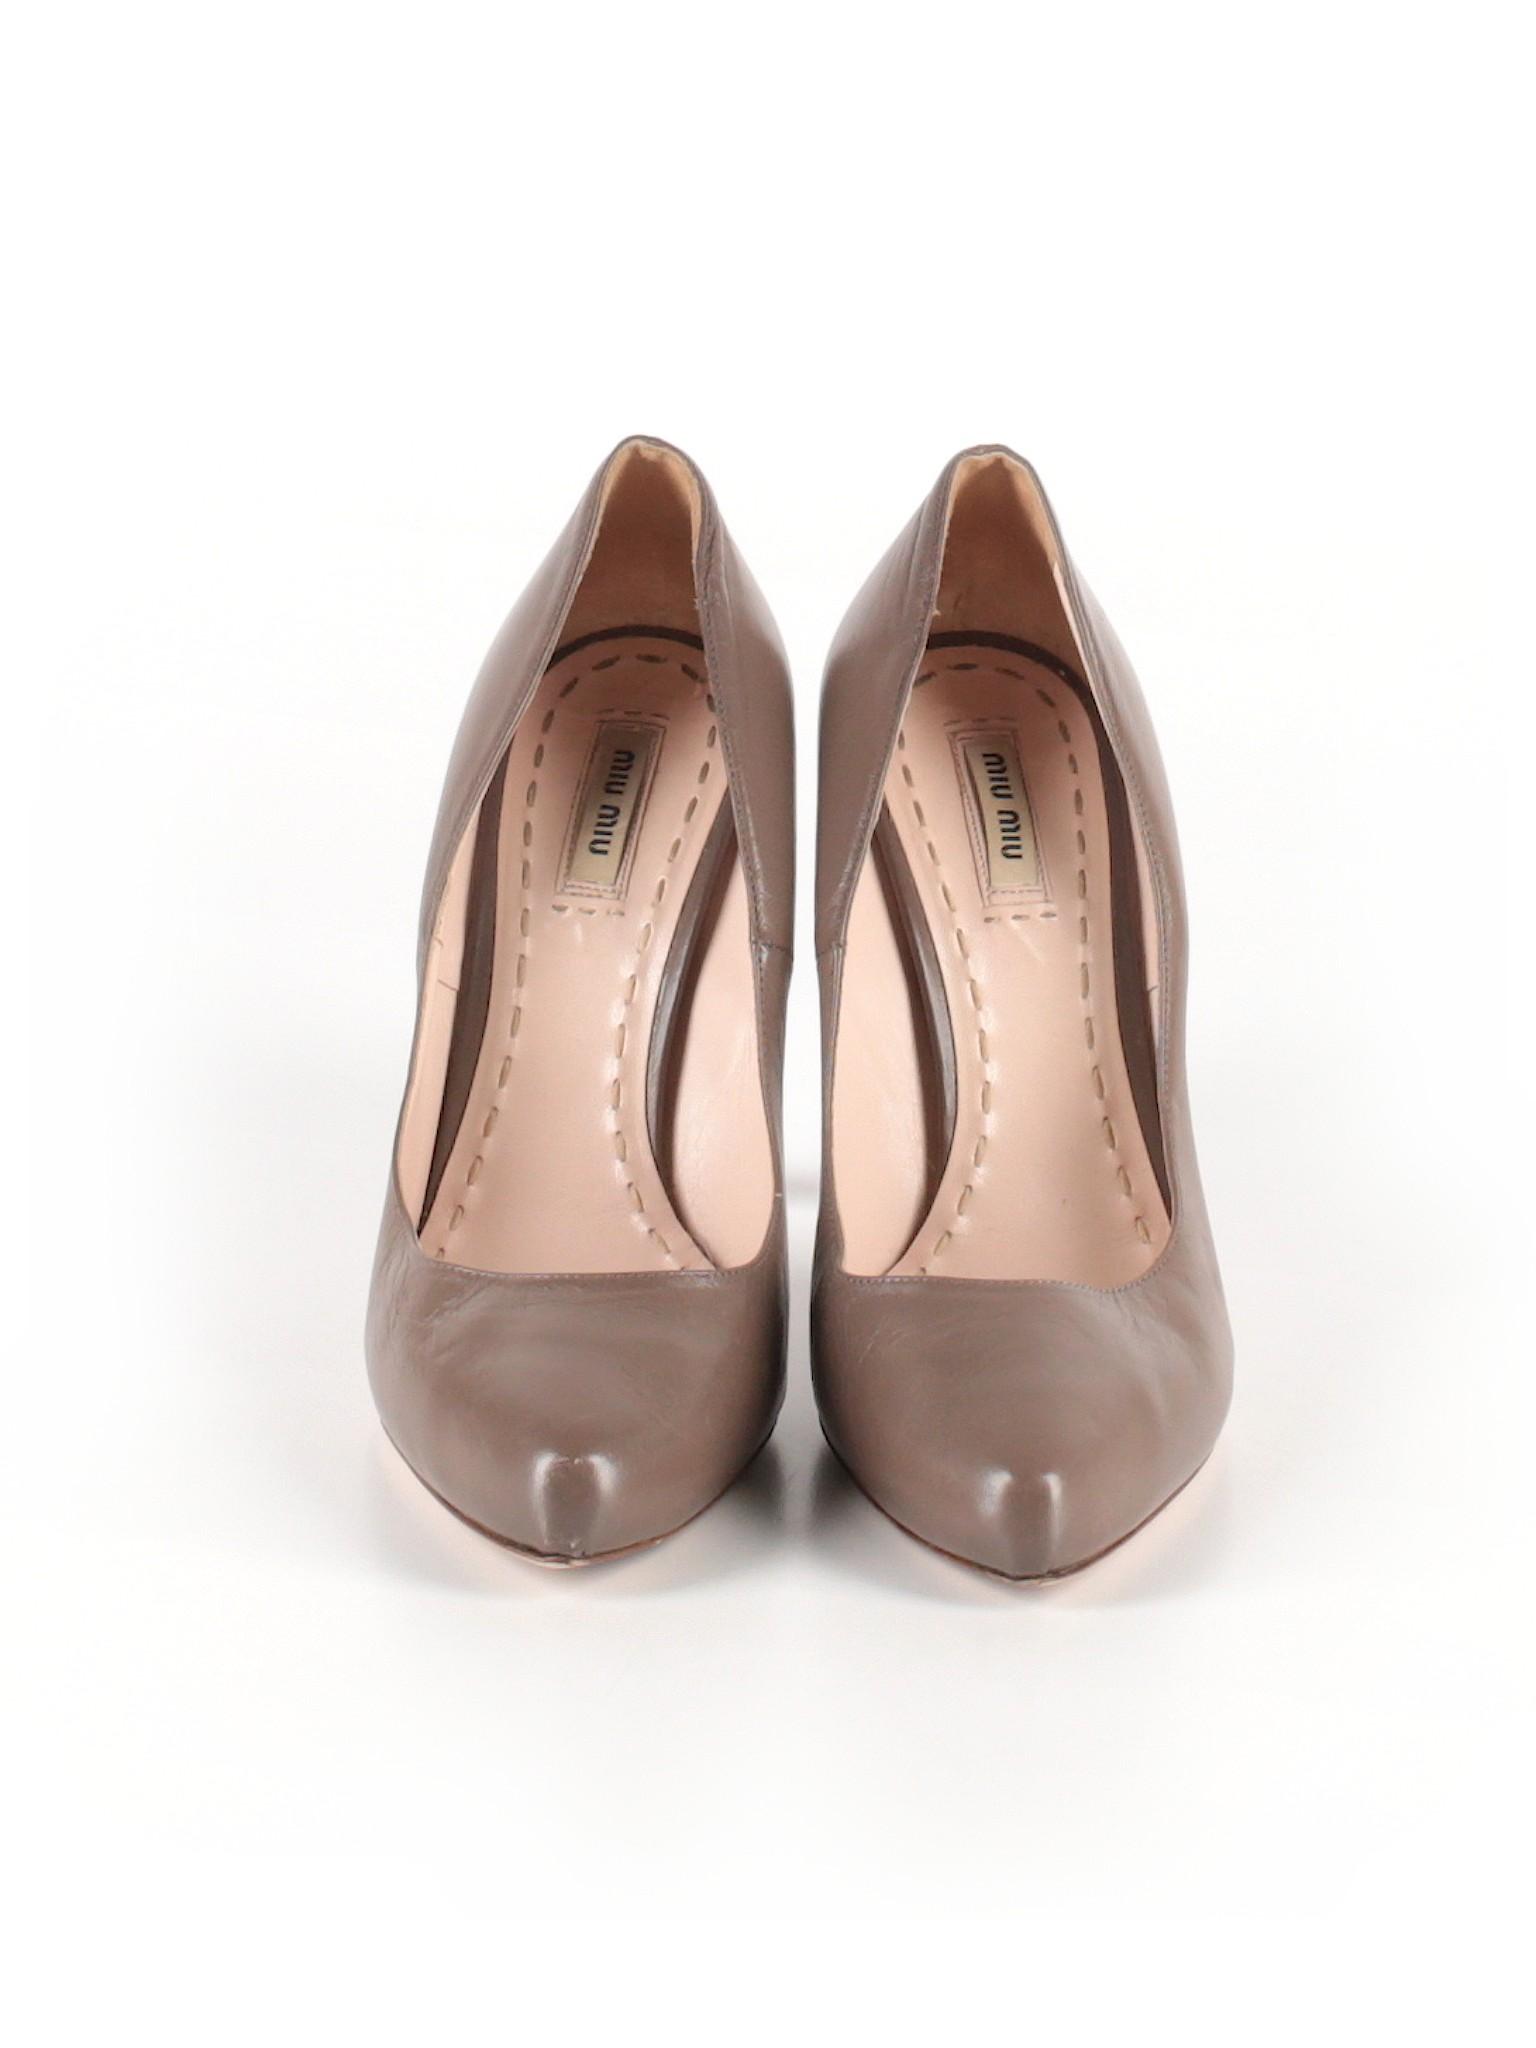 promotion Miu Miu Boutique Miu Boutique Miu Heels promotion Heels vUWHqw6